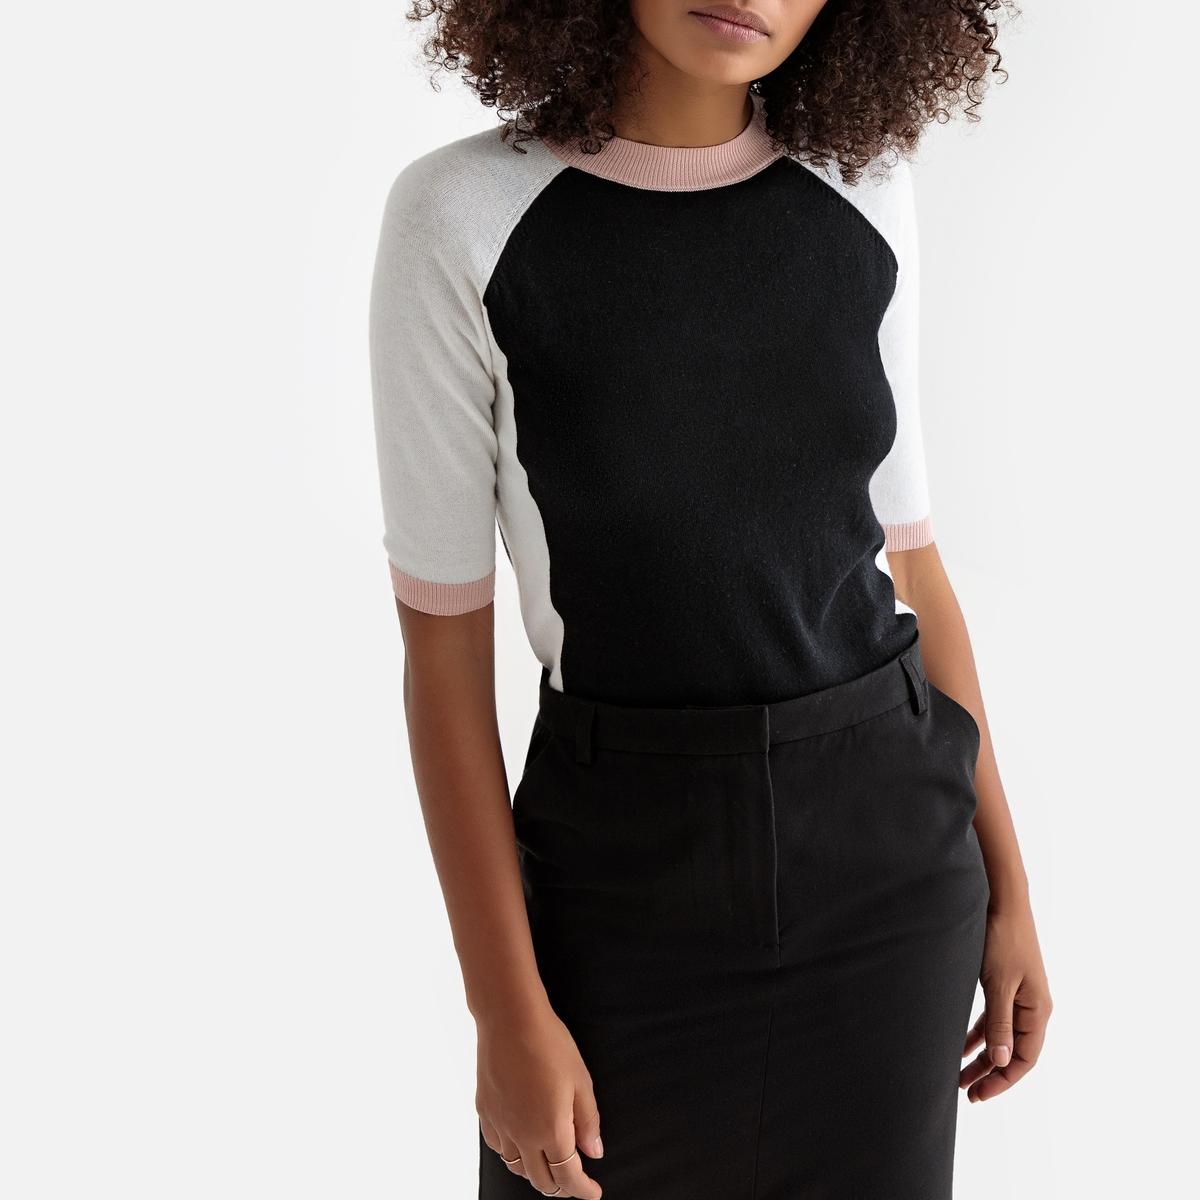 Пуловер  - синий,черный цвет